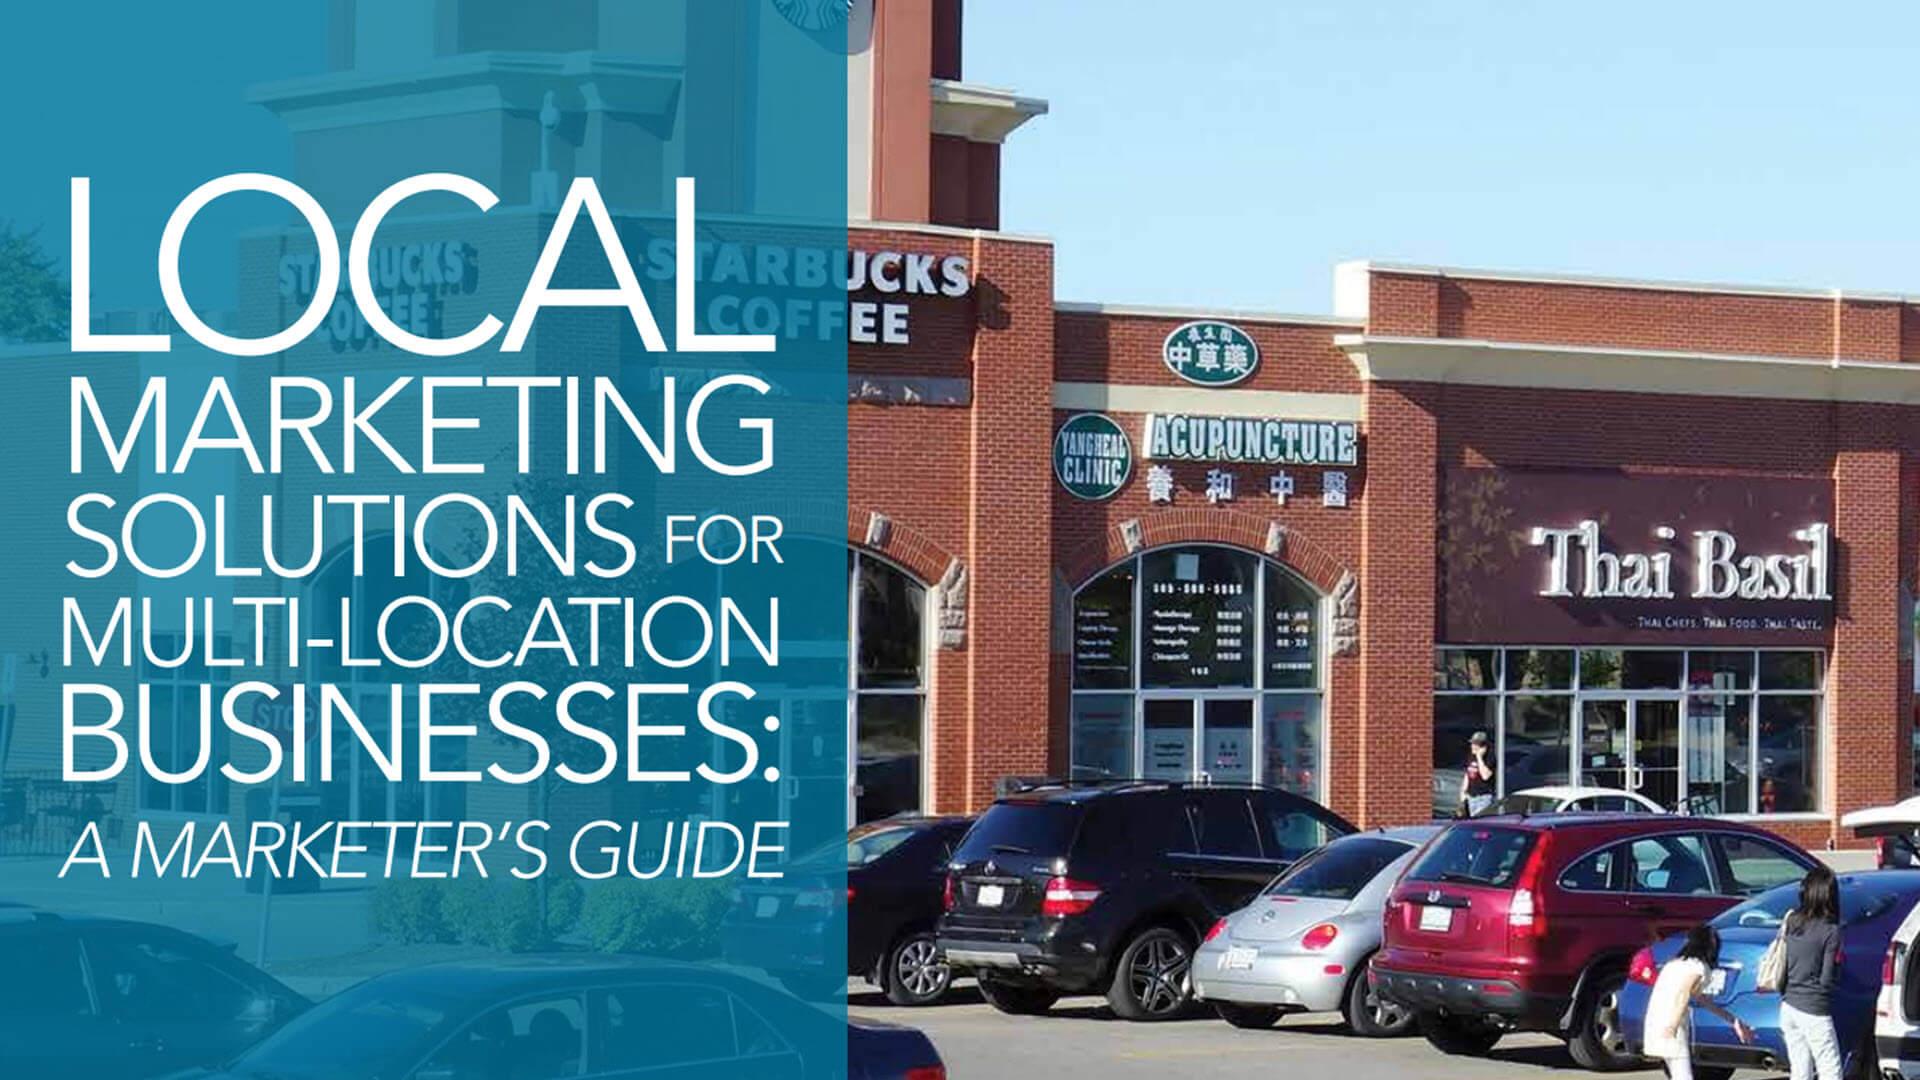 Elegir una solución de marketing local para su negocio con múltiples ubicaciones